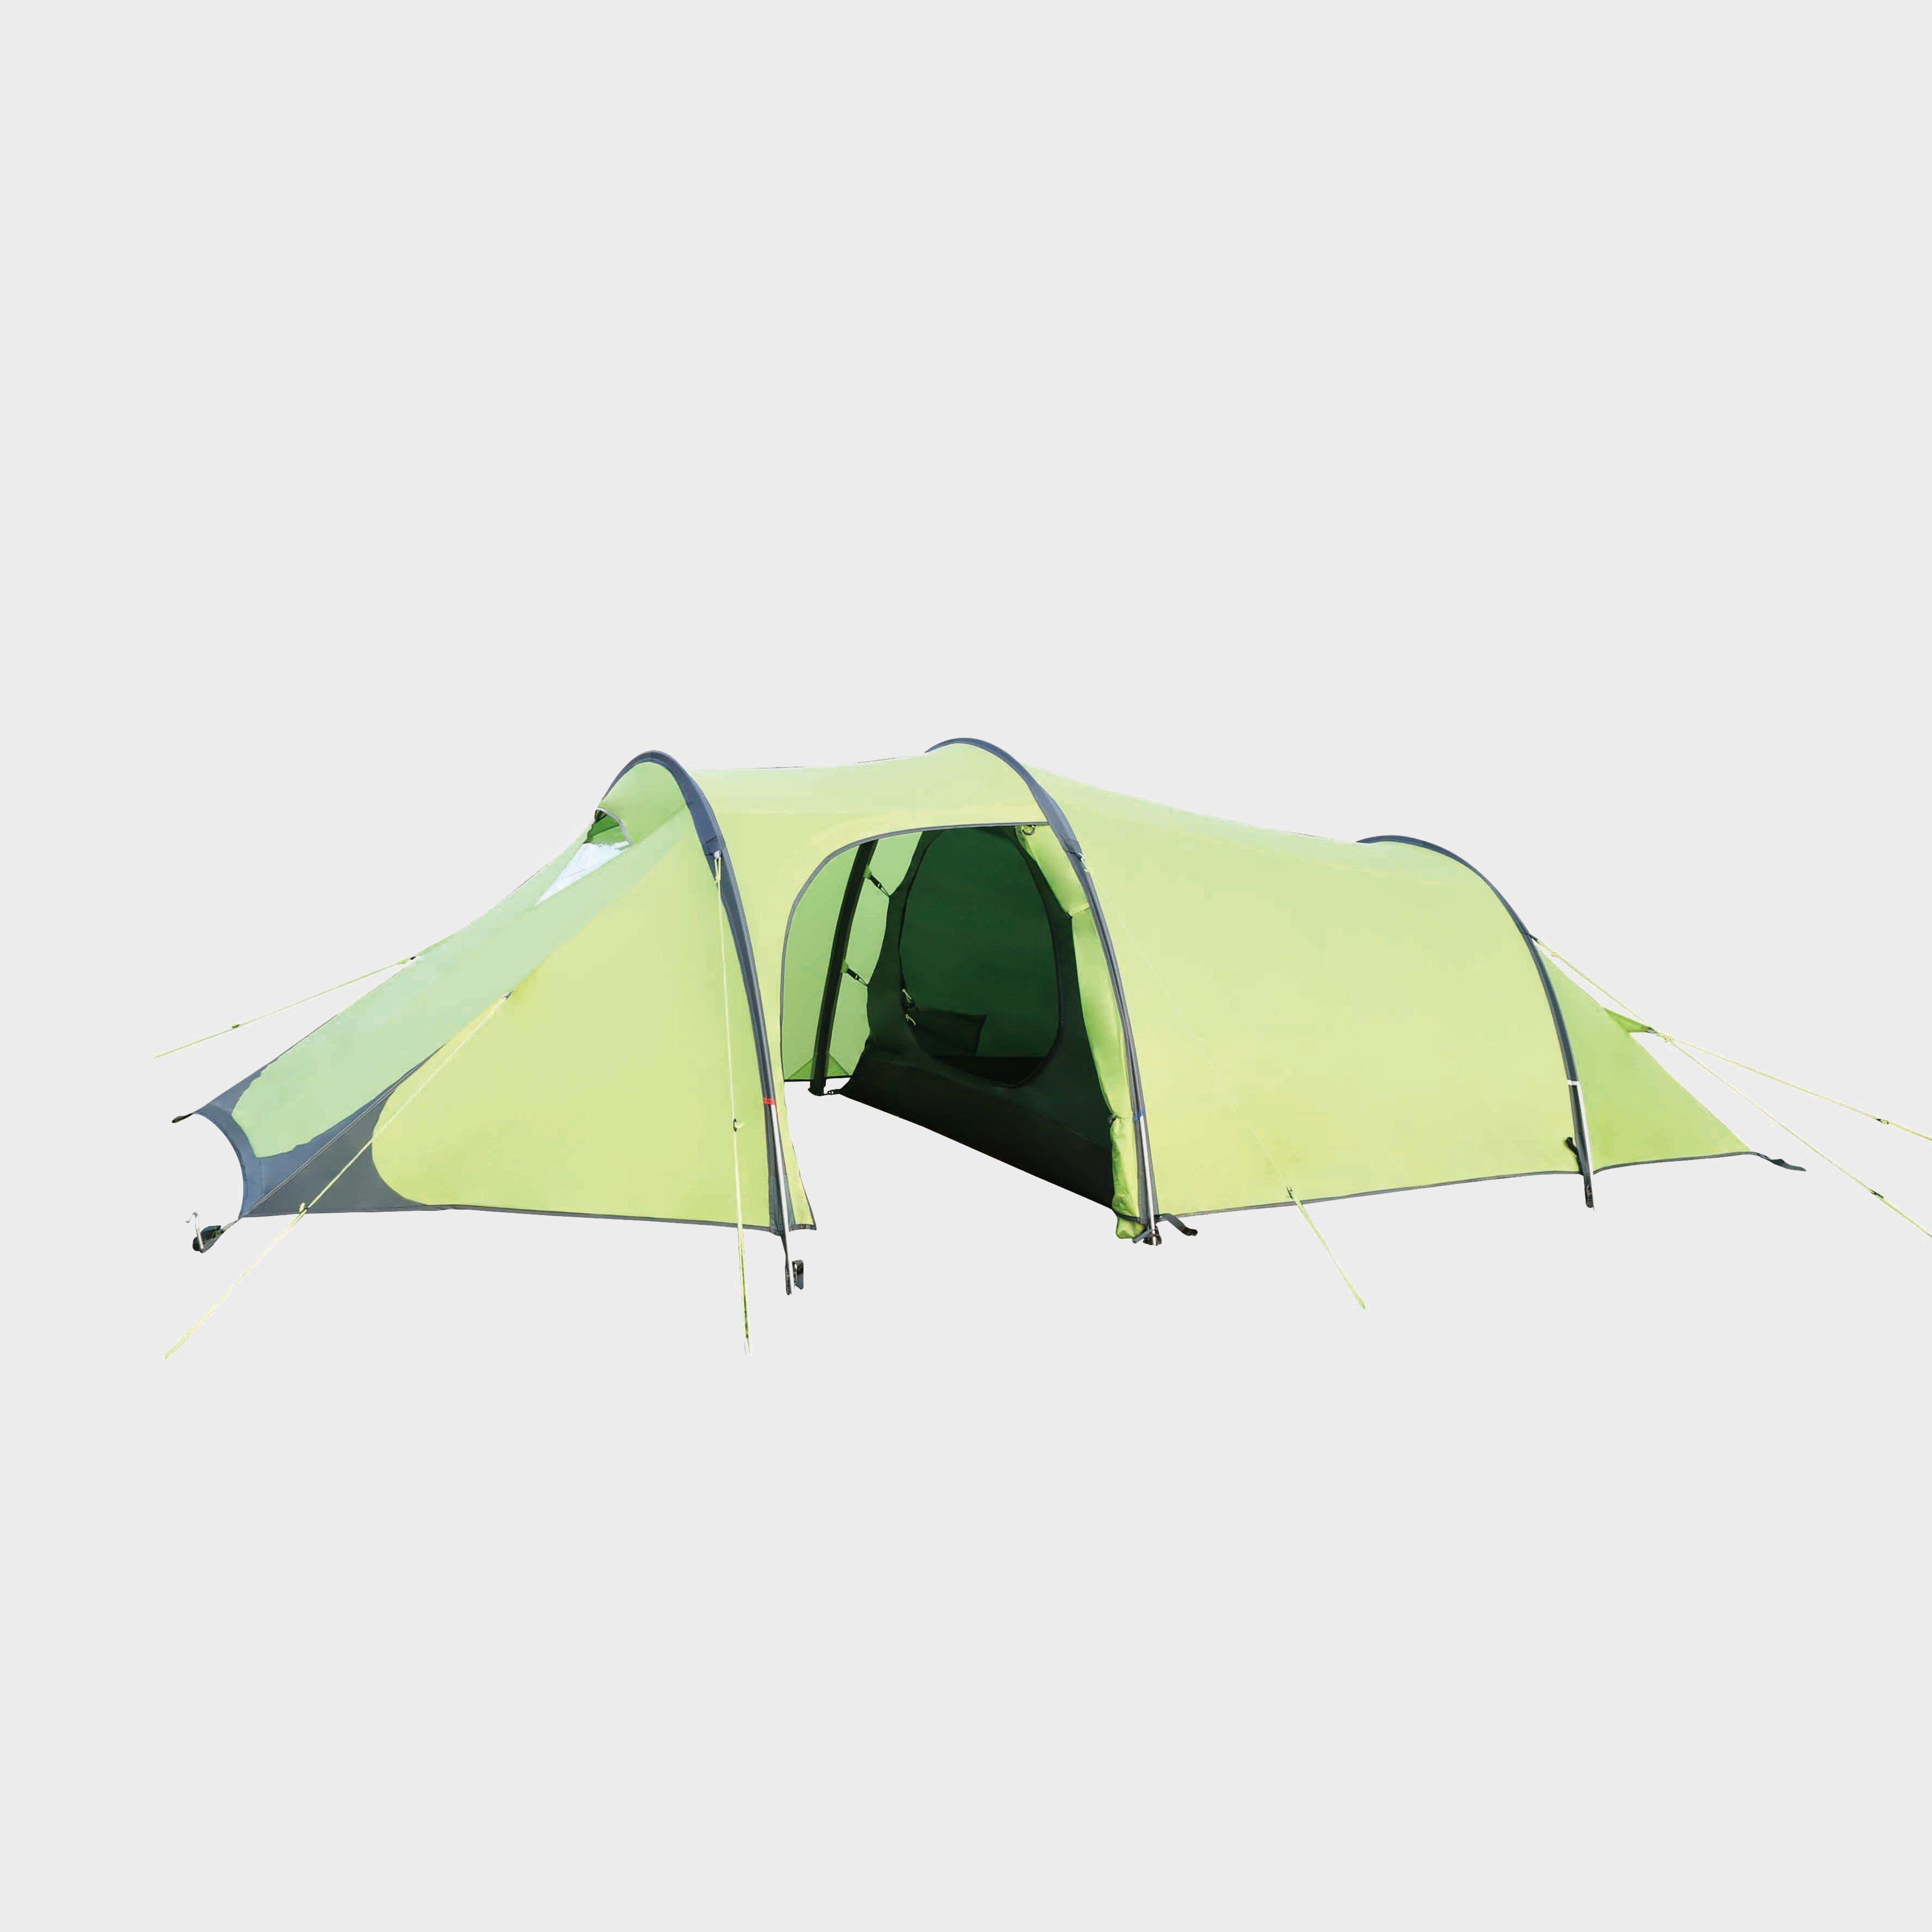 Small Pack Size 3 Man Tent Best 2017 & Lightweight 3 Man Tent Uk - Best Tent 2018